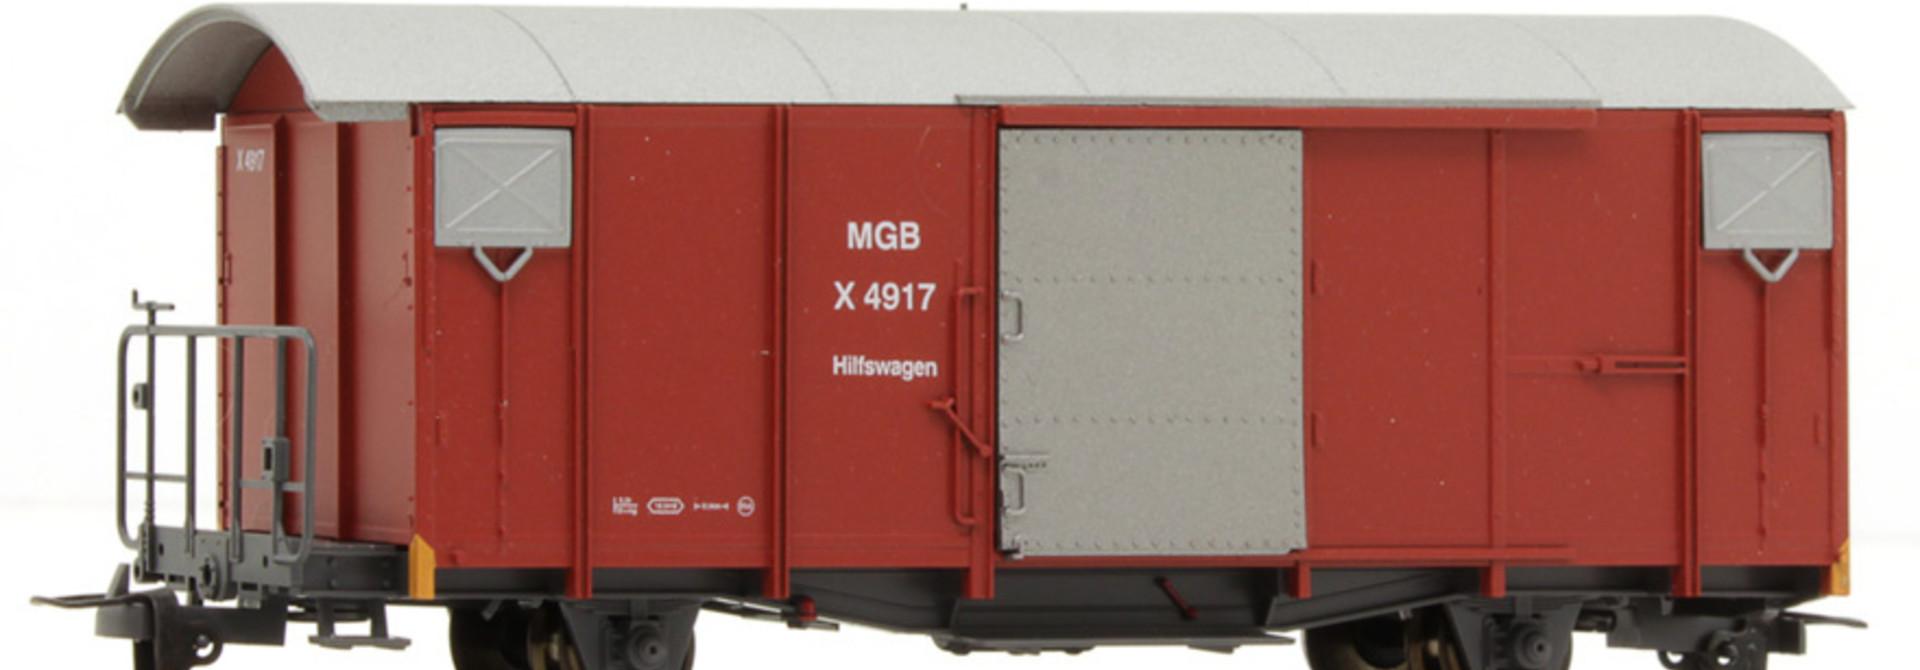 2250259 MGB X 4917 Hilfswagen